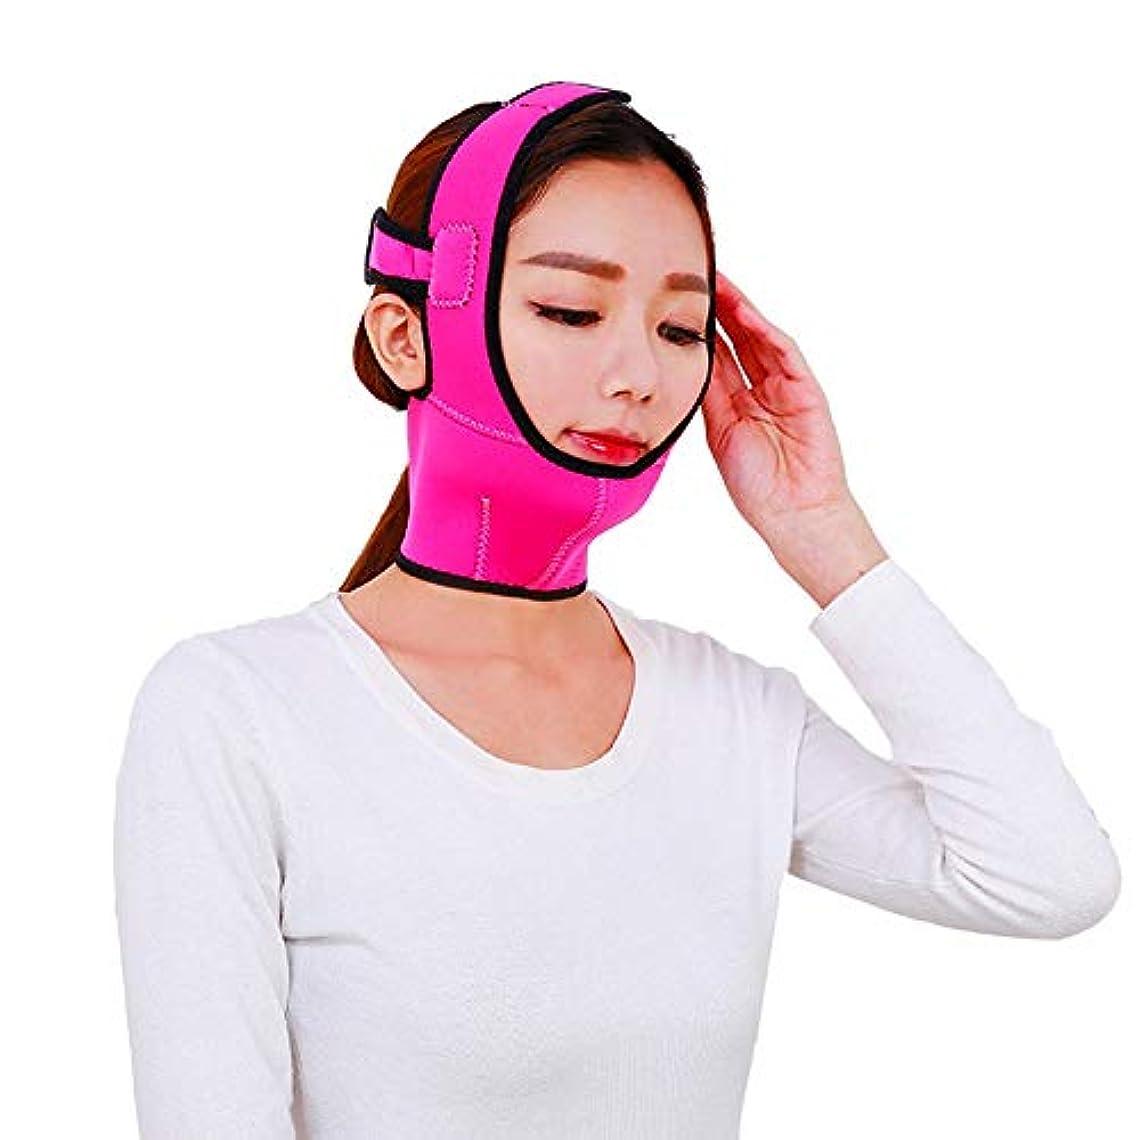 争いますます対顔を持ち上げるベルト通気性の顔面リフティング包帯ダブルチン顔面リフティングマスクを締めるV顔面顔面リフレッシングツール 美しさ